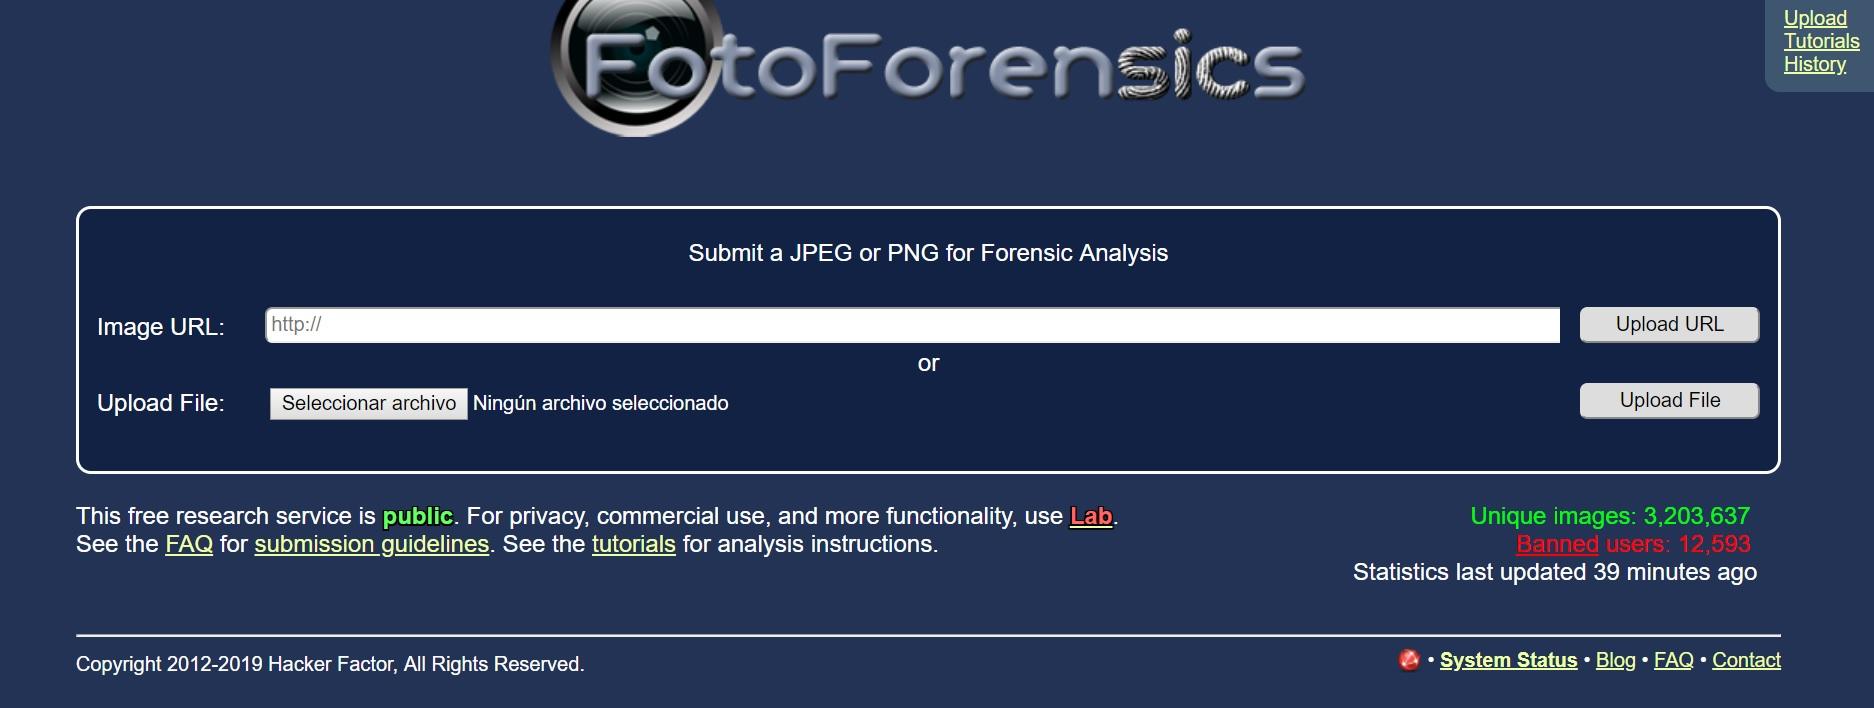 El sitio FotoForensics ofrece herramientas para deducir si una imagen fue editada o manipulada.